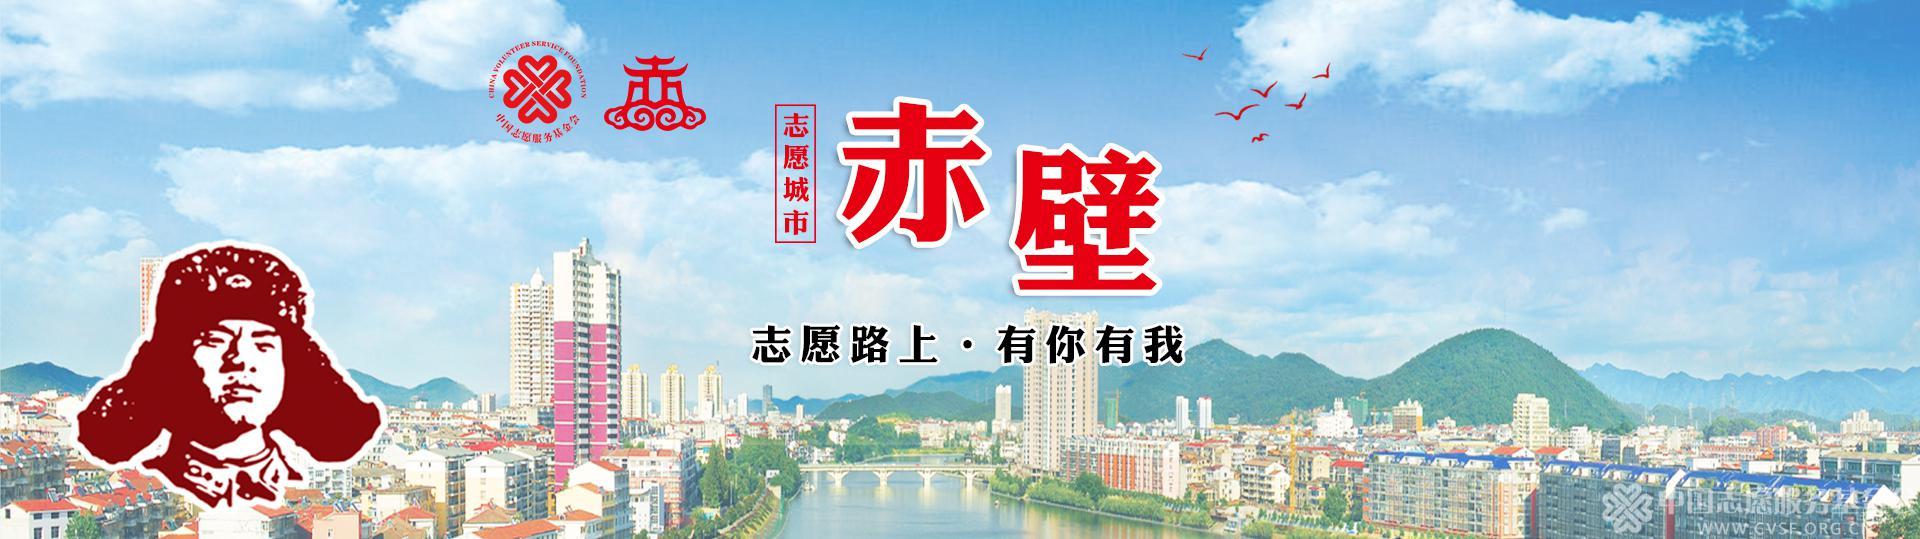 """中国志愿服务基金会""""志愿城市·赤壁""""专项基金"""